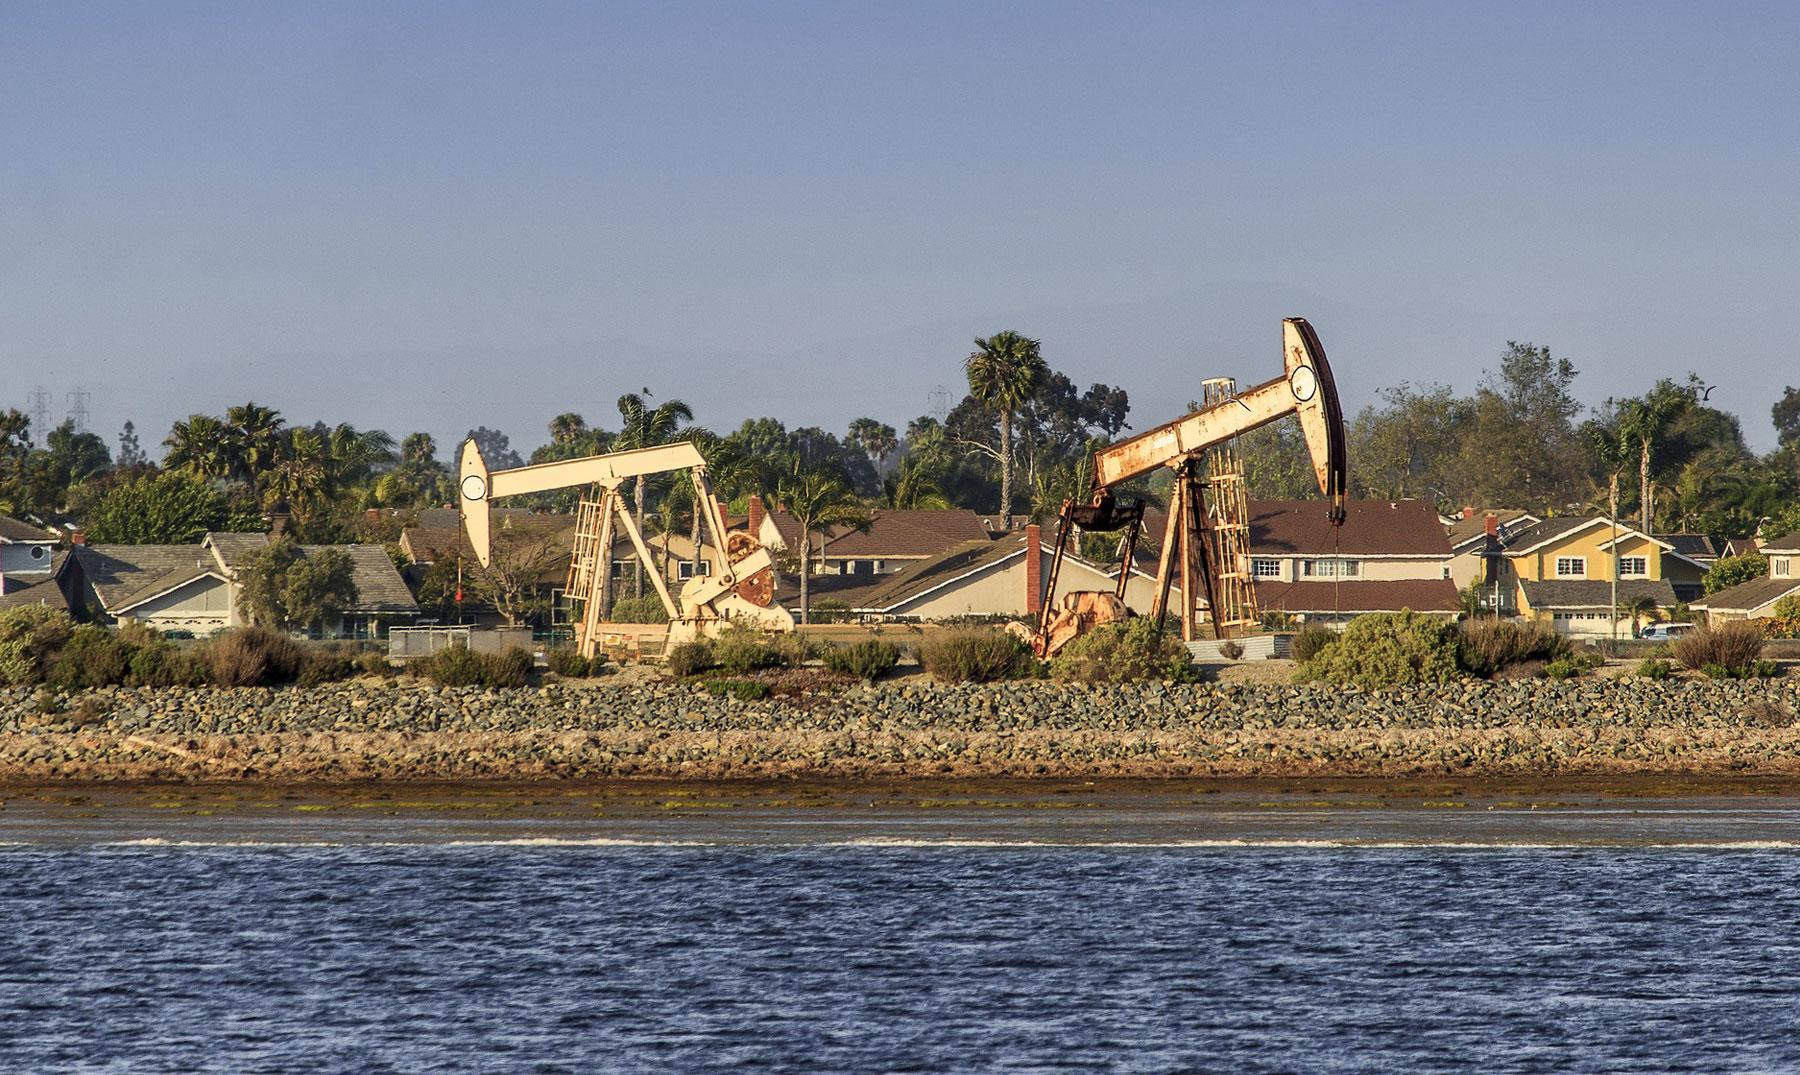 Petróleo barato, costos ambientales altos